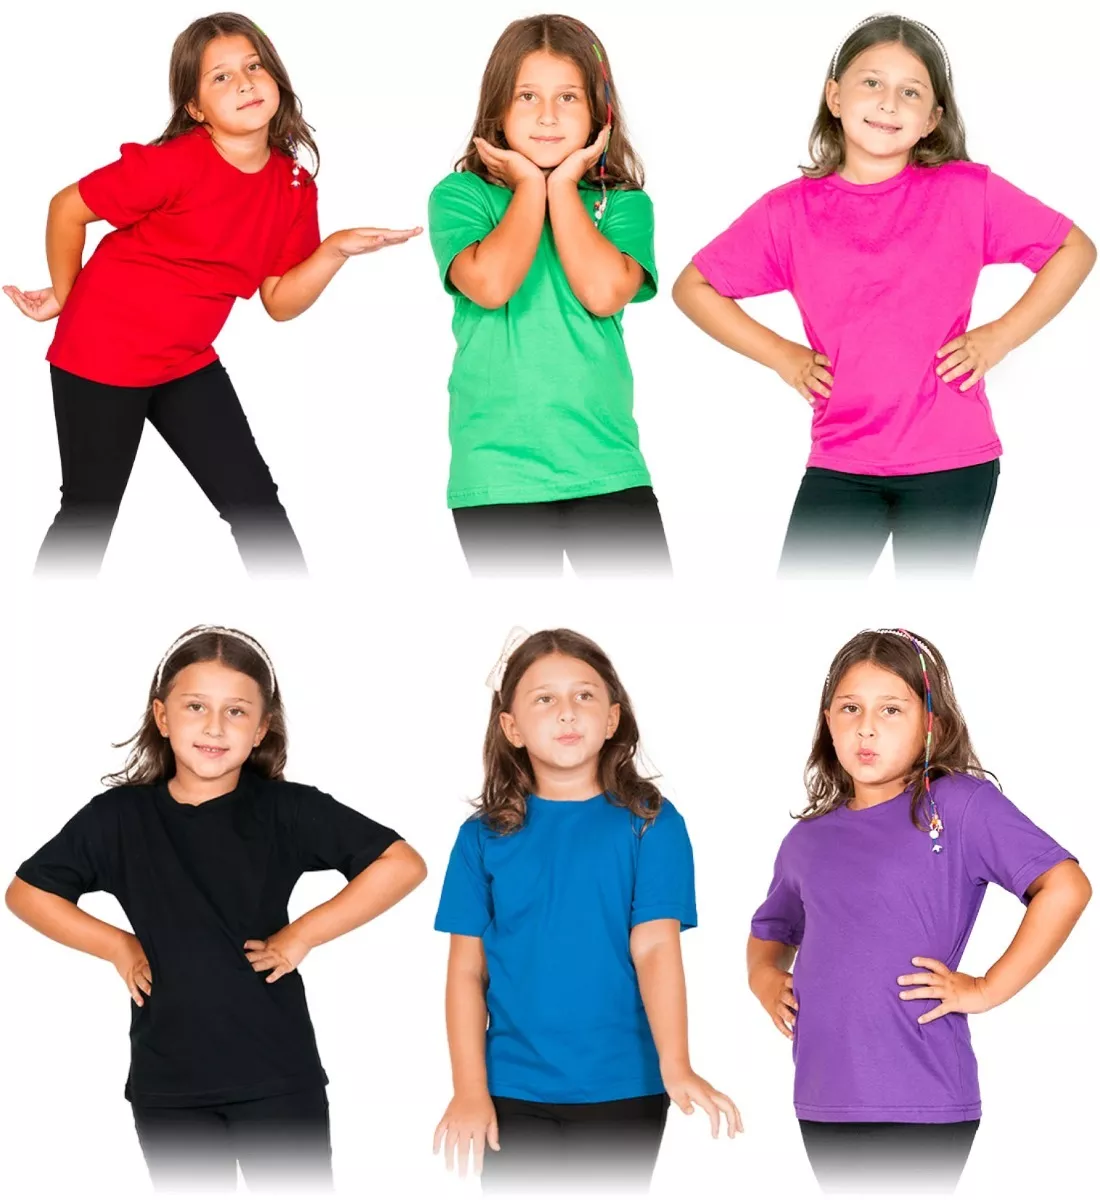 e9b3447fe7 Kit 12 Camisetas Infantil Básica Lisa Algodão Atacado no Elo7